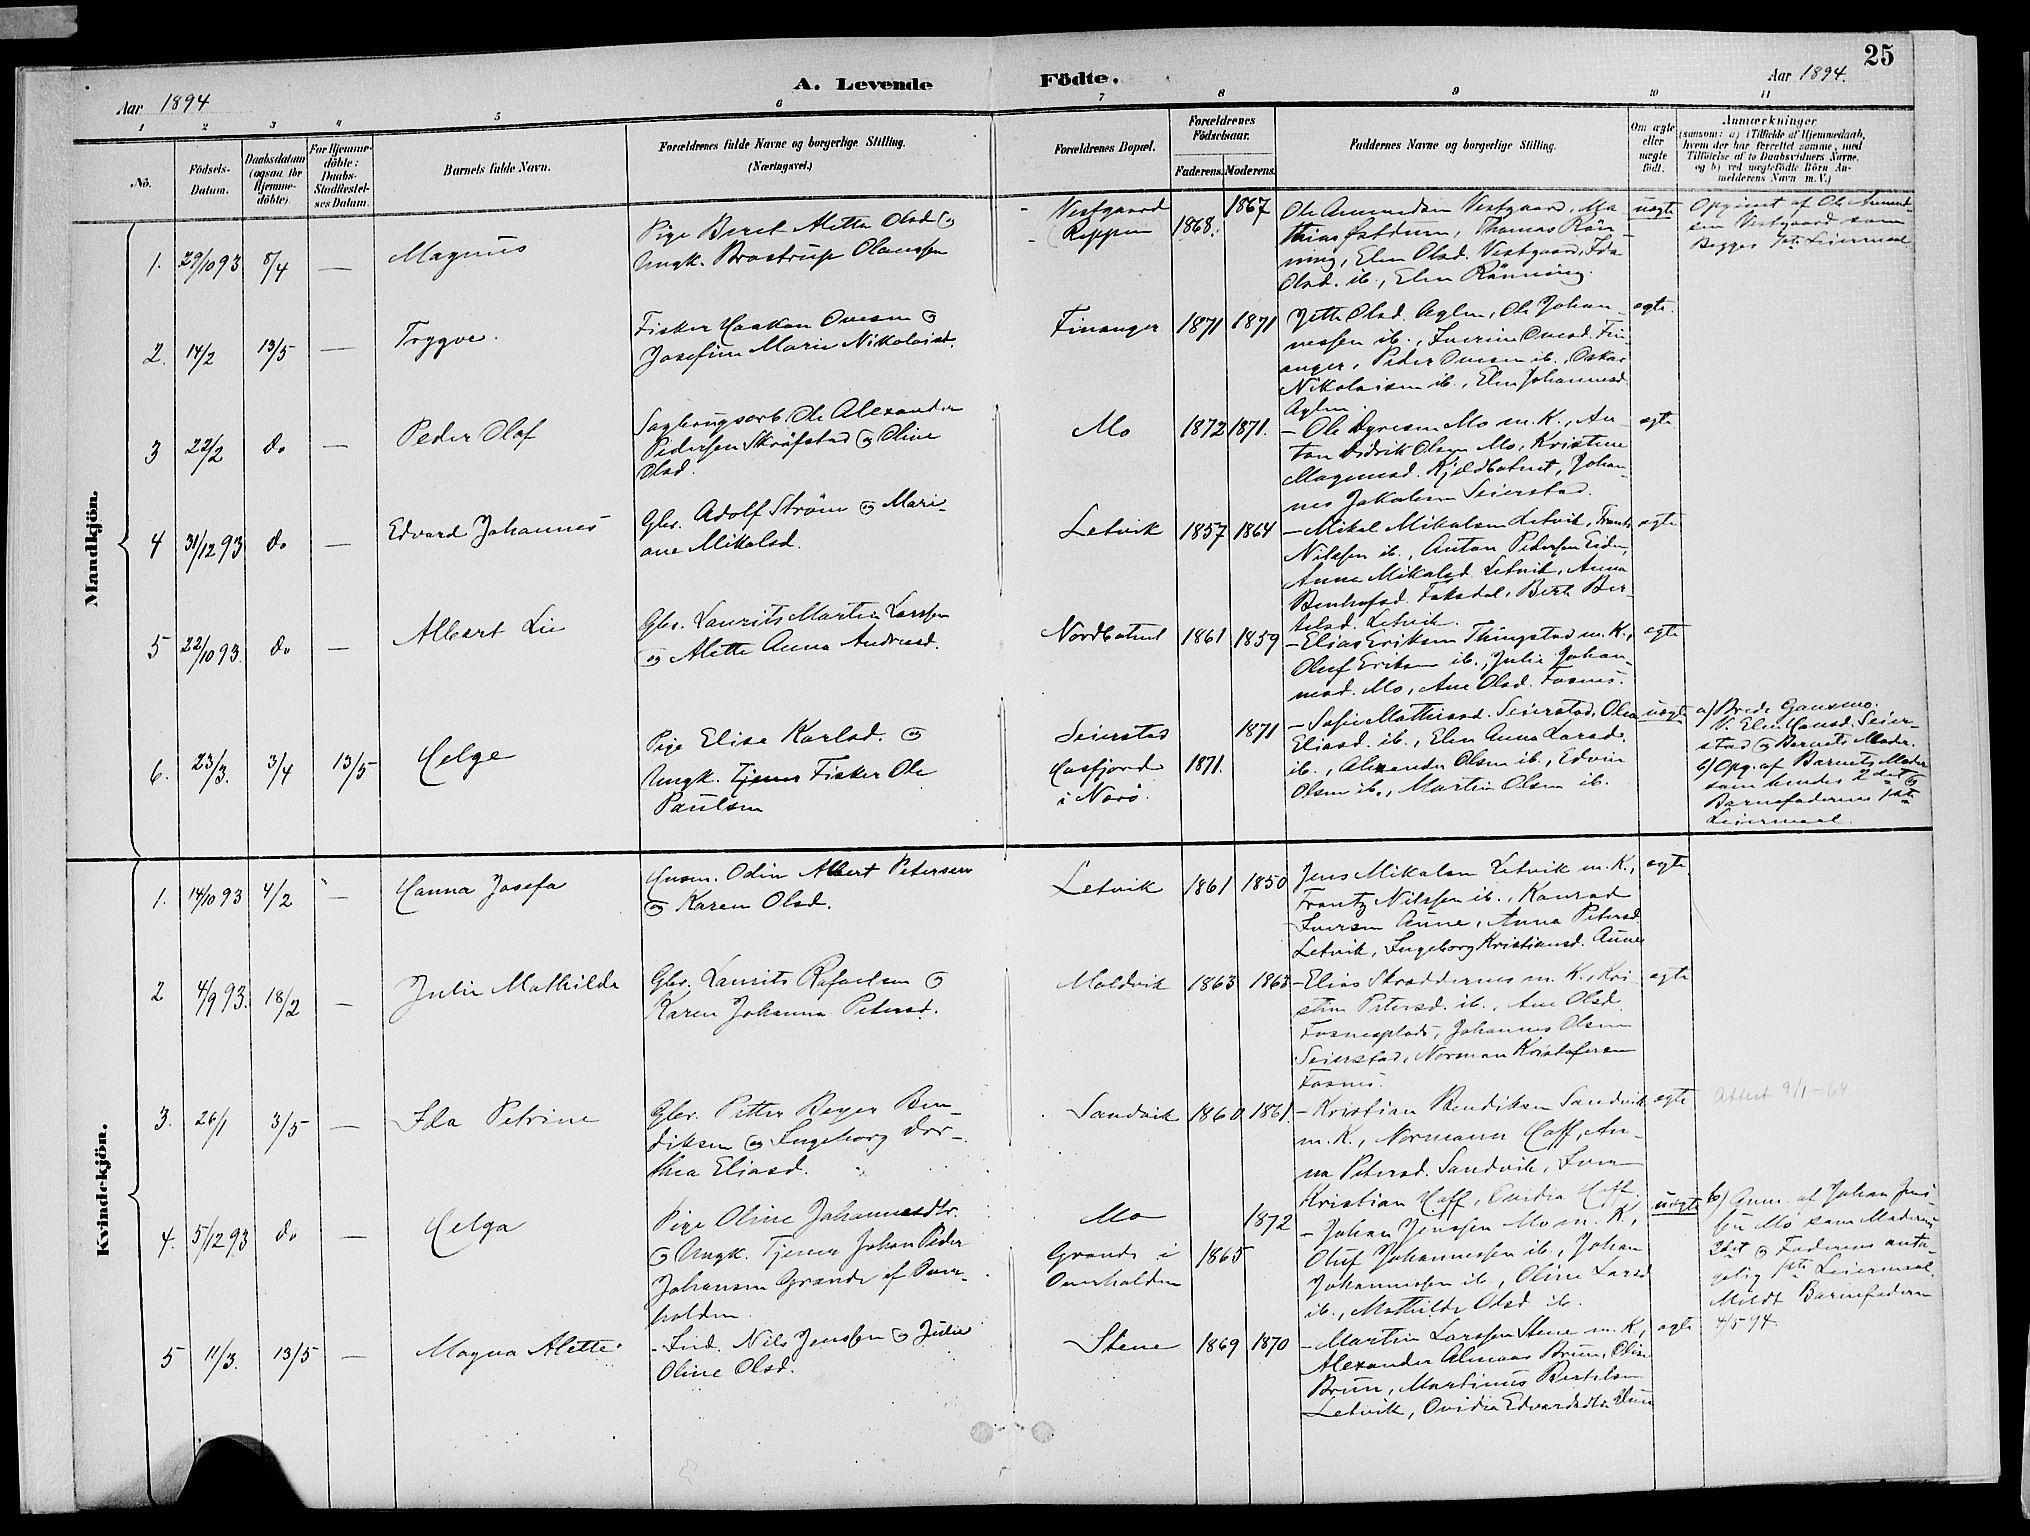 SAT, Ministerialprotokoller, klokkerbøker og fødselsregistre - Nord-Trøndelag, 773/L0617: Ministerialbok nr. 773A08, 1887-1910, s. 25